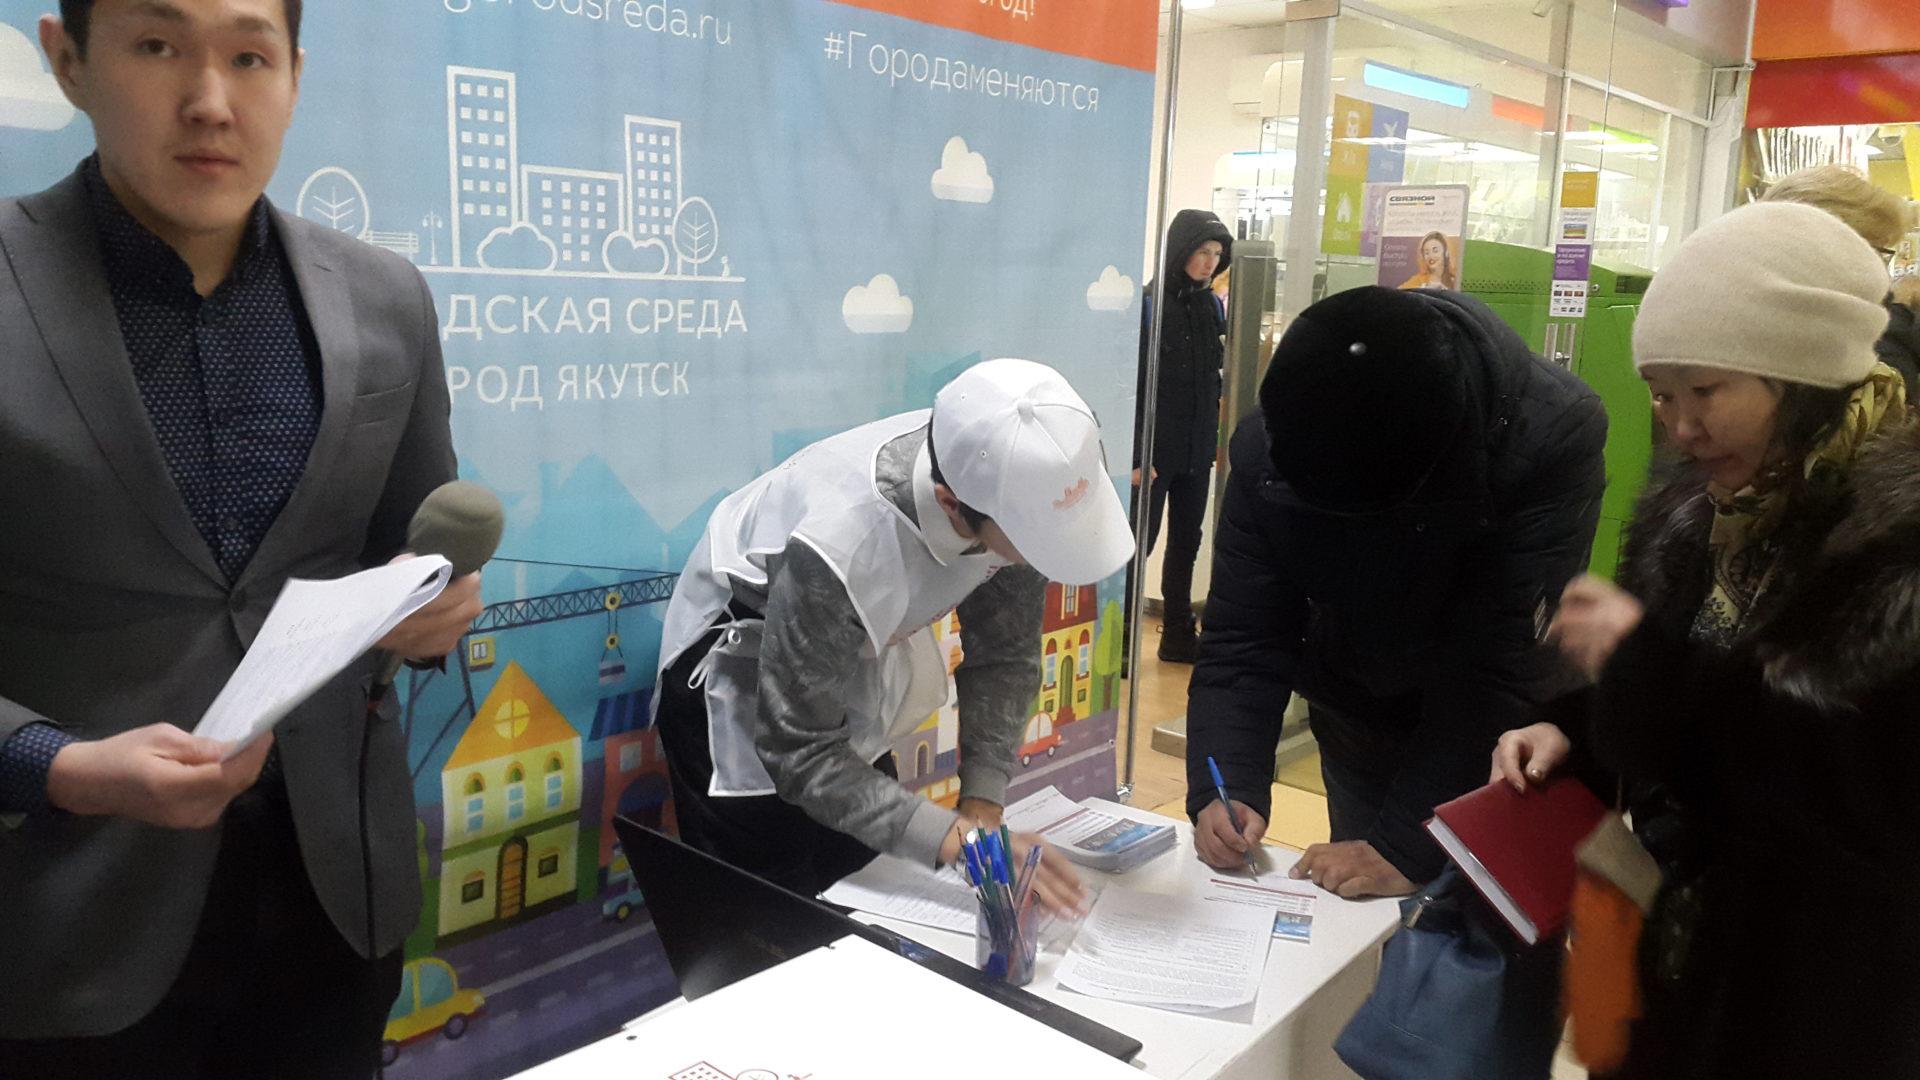 Твой город — твое решение! В Якутске открылись пункты сбора предложений по благоустройству общественных пространств